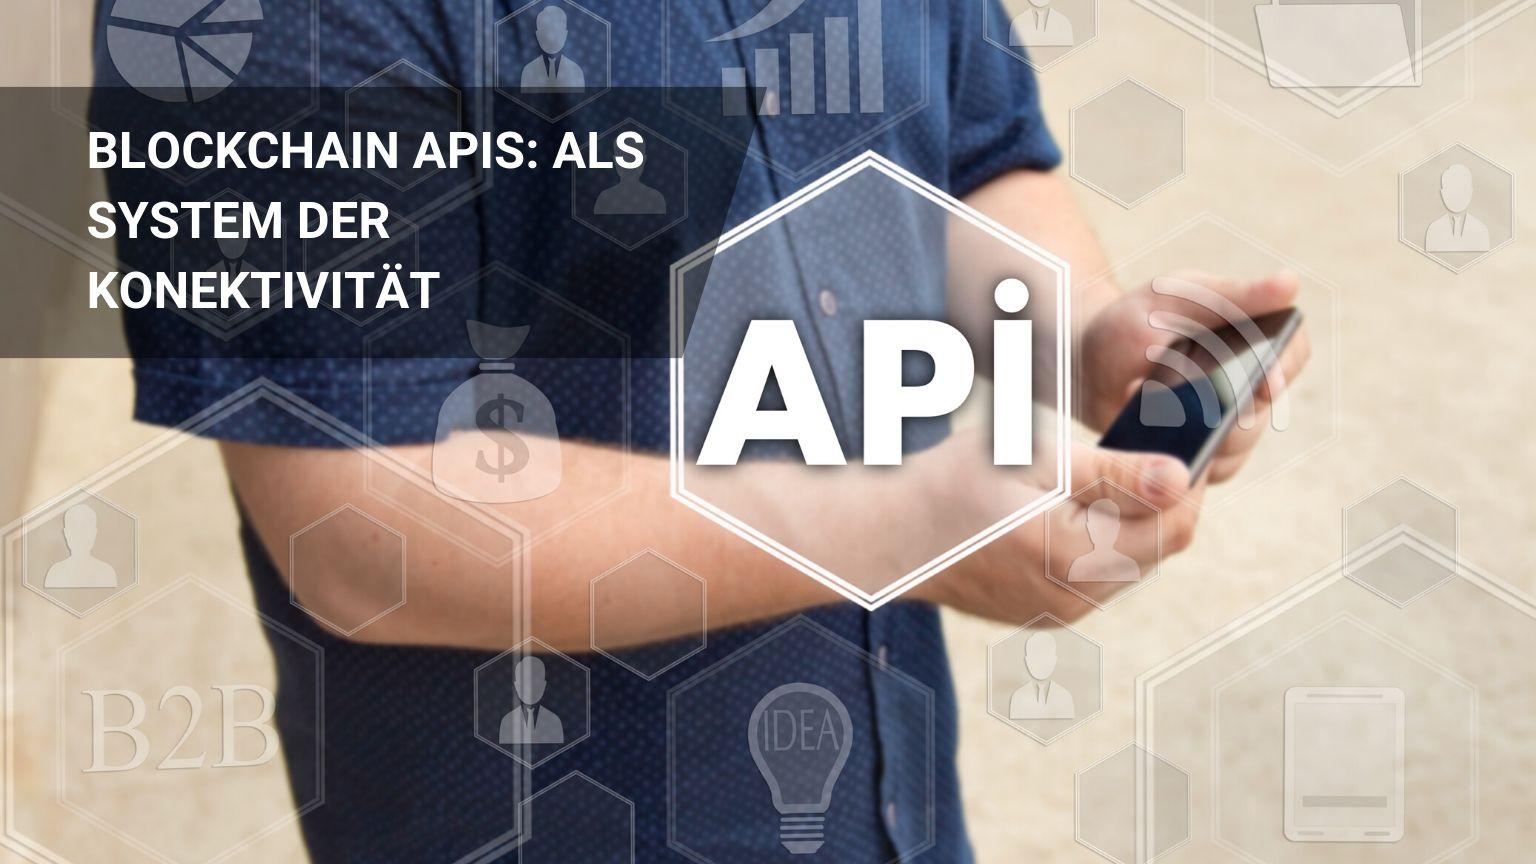 Blockchain API als System der Konnektivität